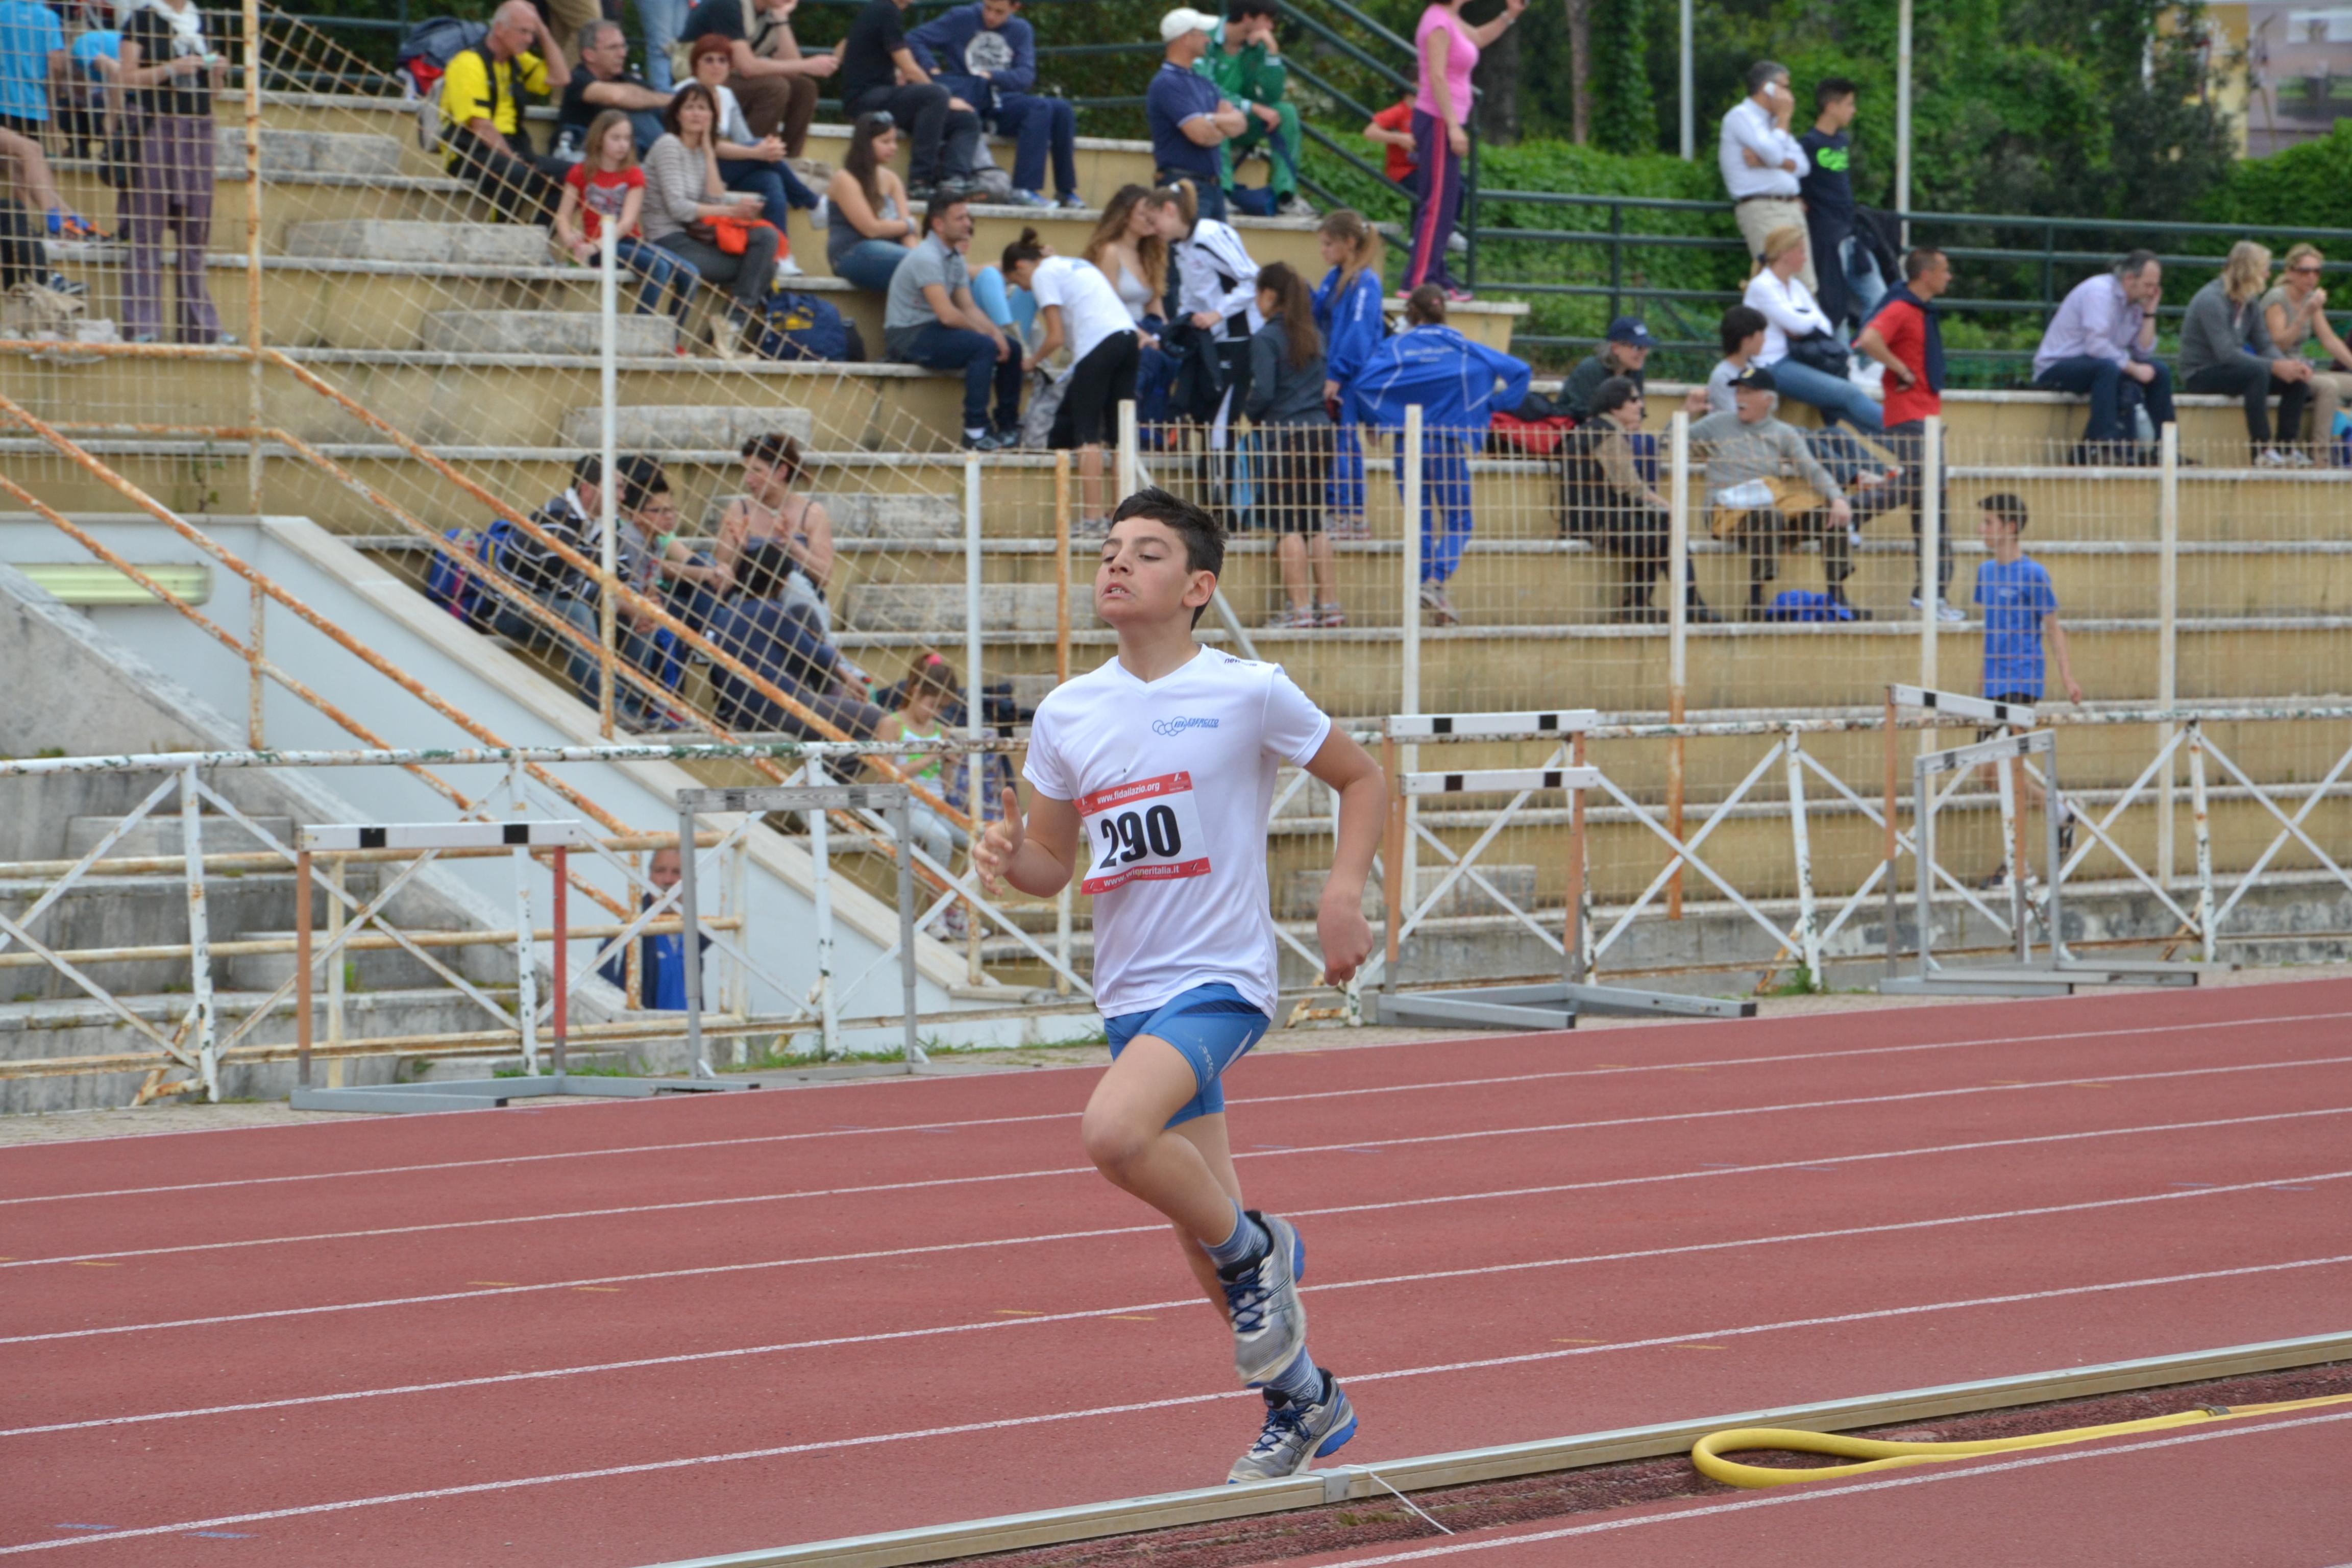 atletica-la-farnesina-liberazione-296